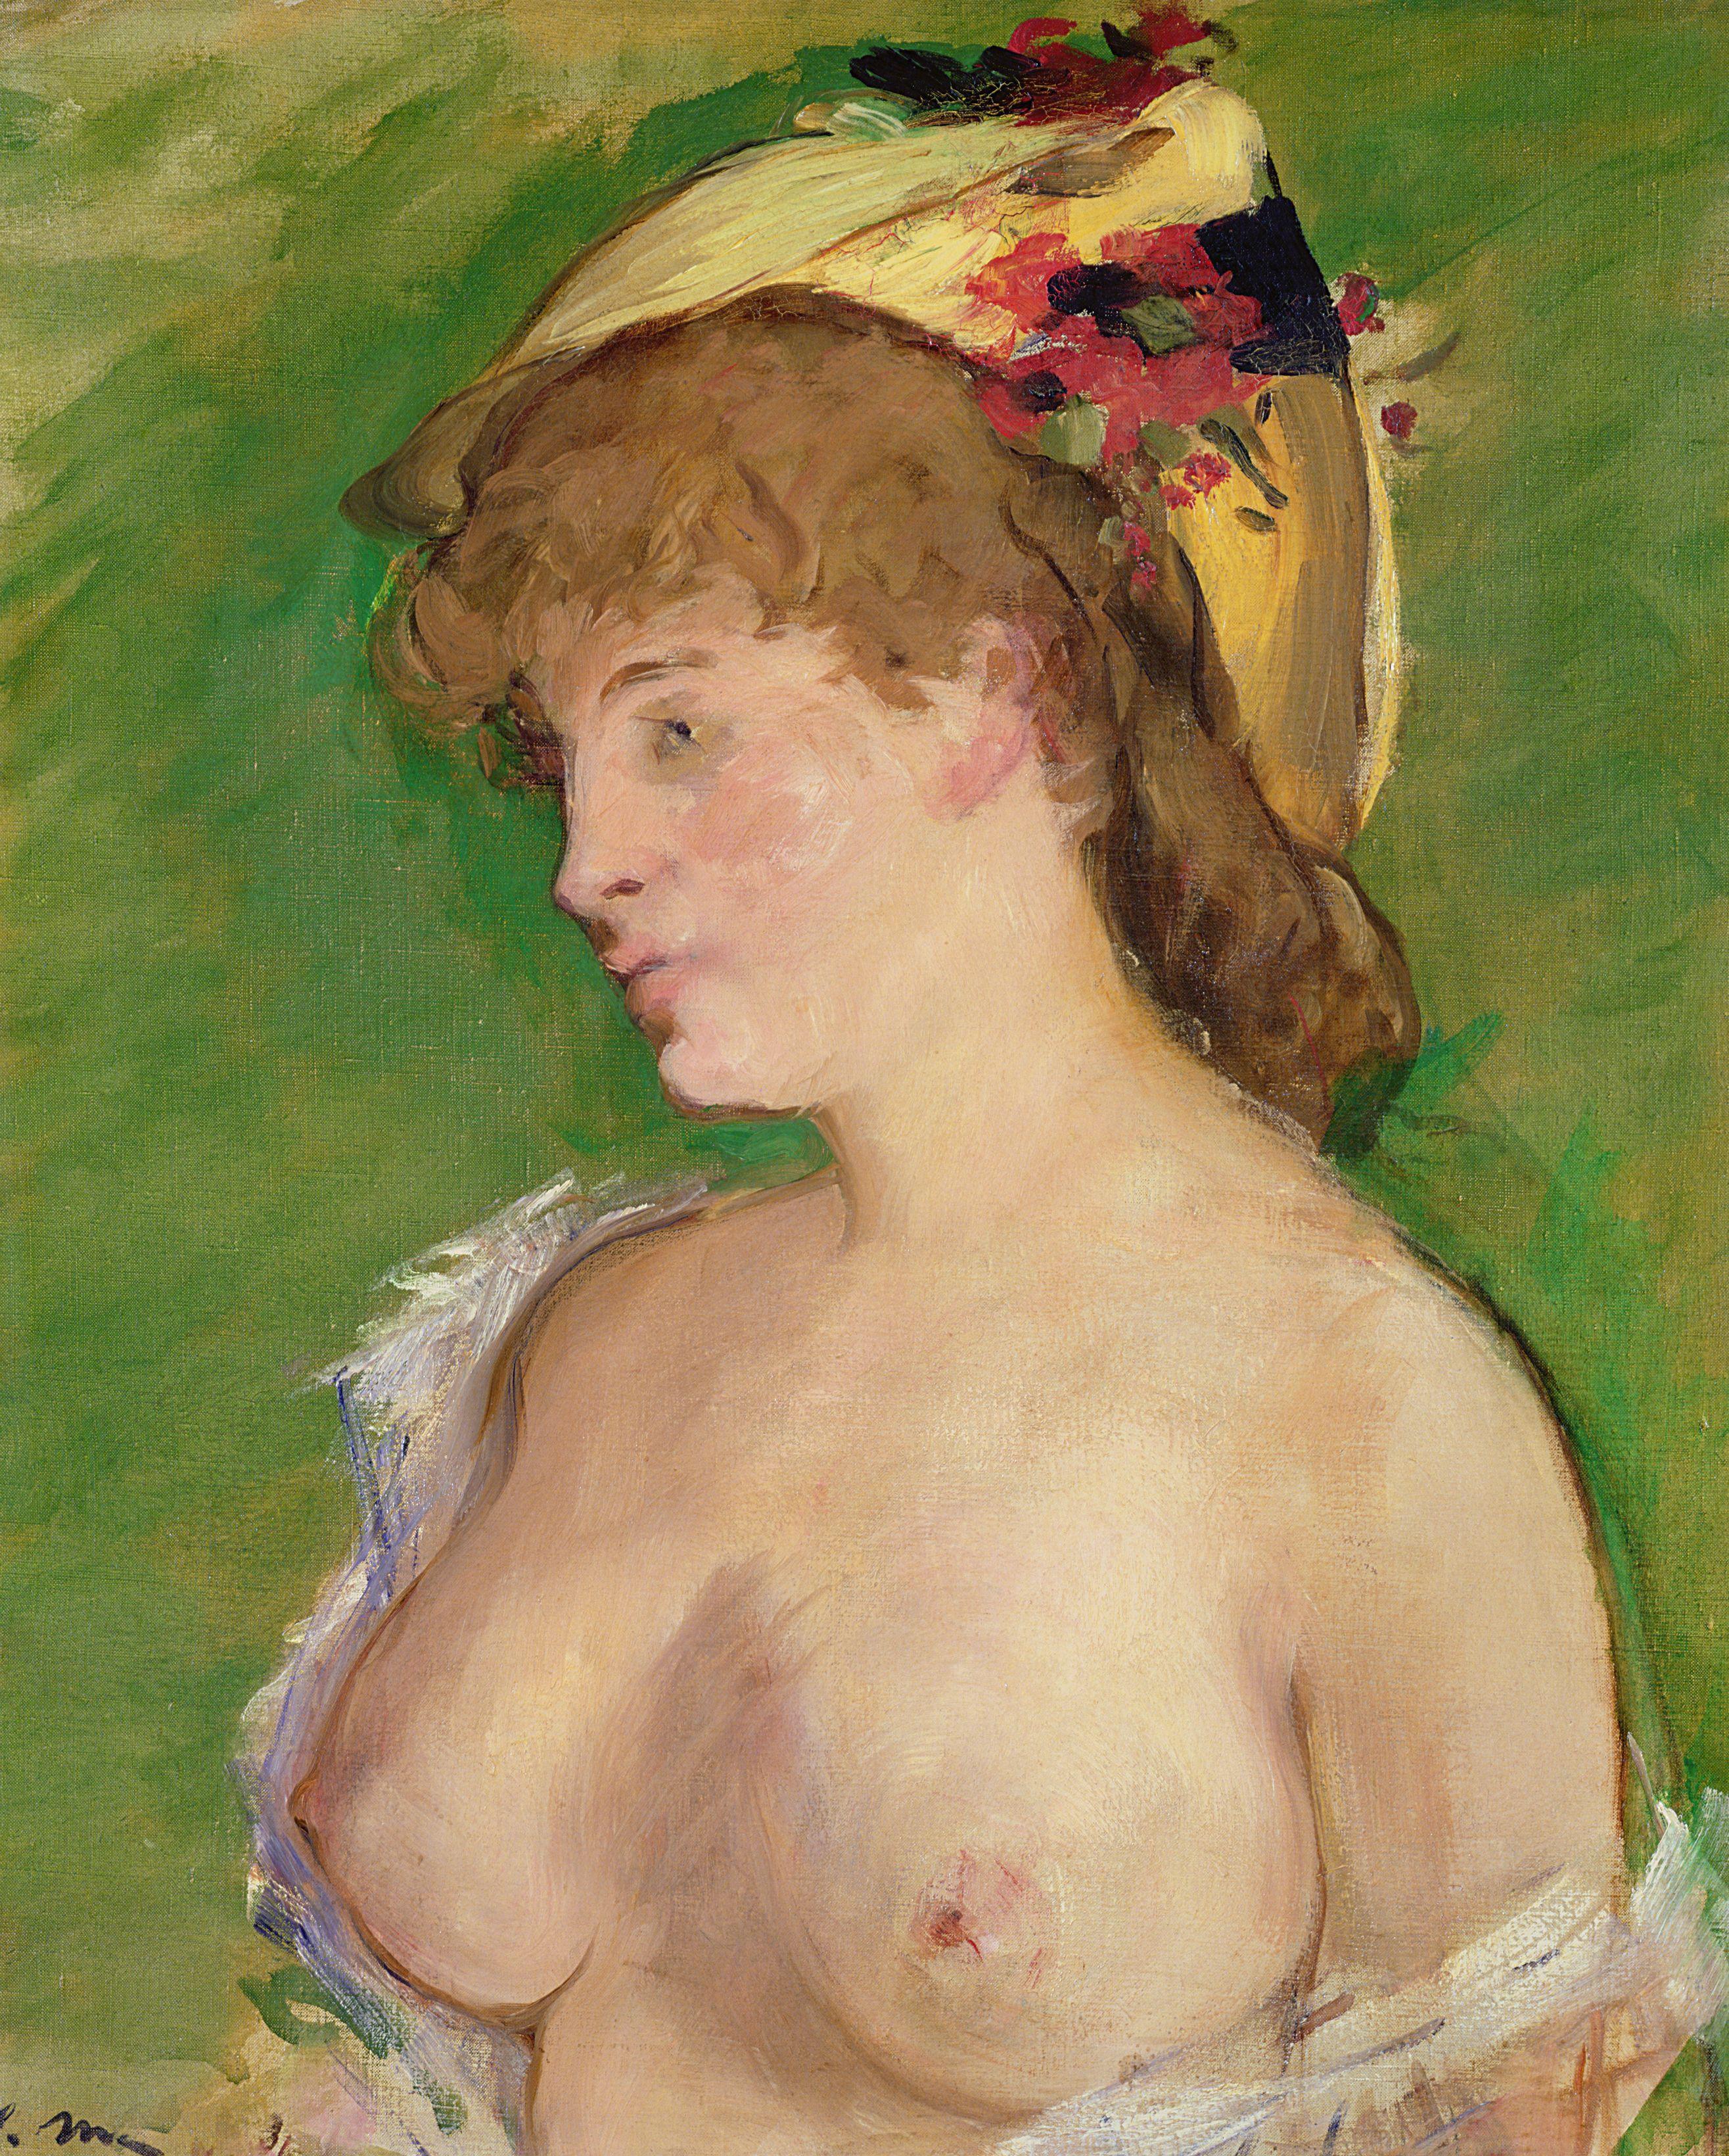 Edouard Manet, 1832-1883. Блондинка с обнажённой грудью. 1878. 62 х 52 см. Париж, музей Орсе